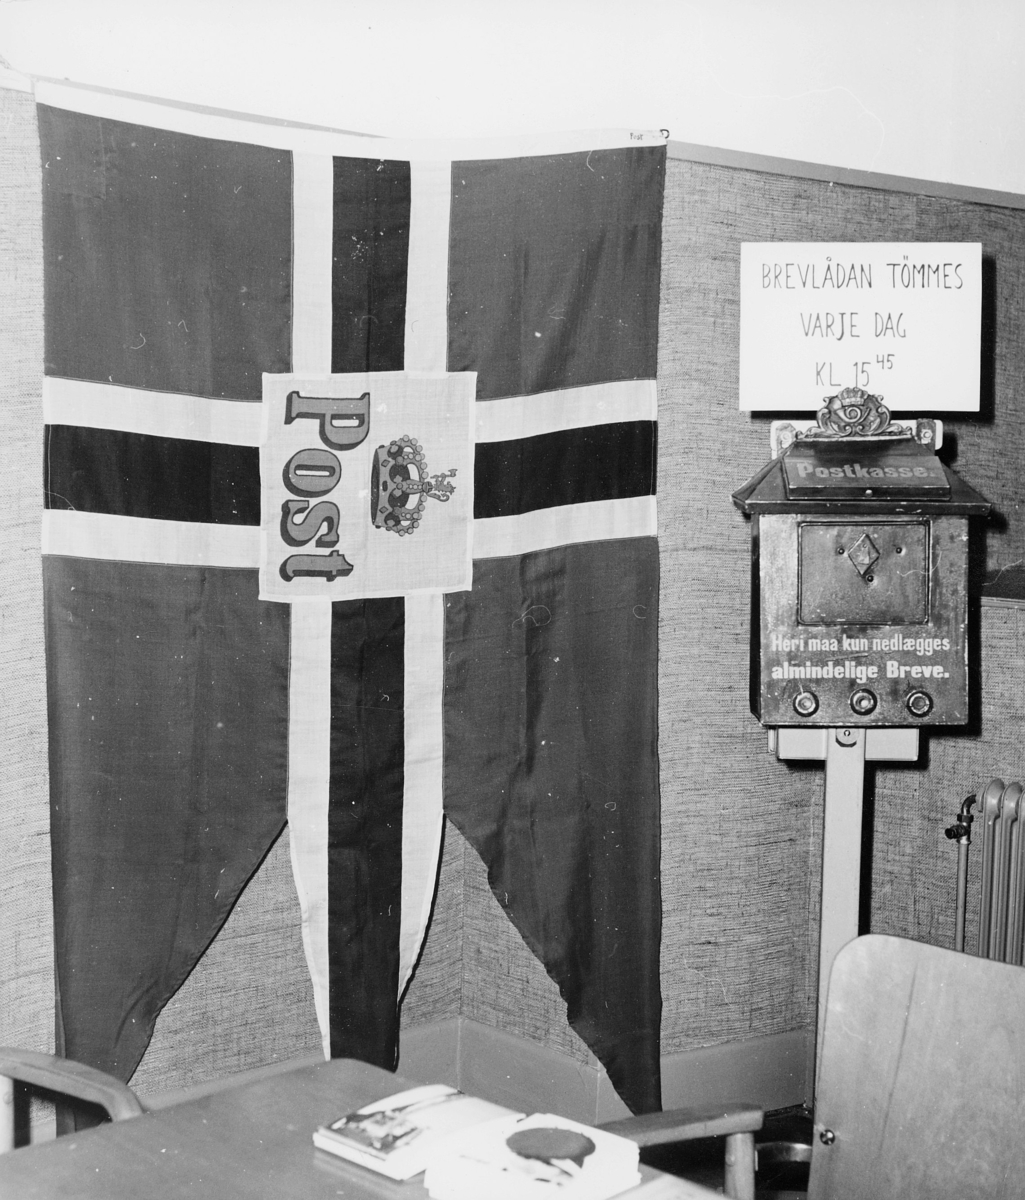 symboler, postflagg, postkasse, gjenstandene er plassert i utstilling